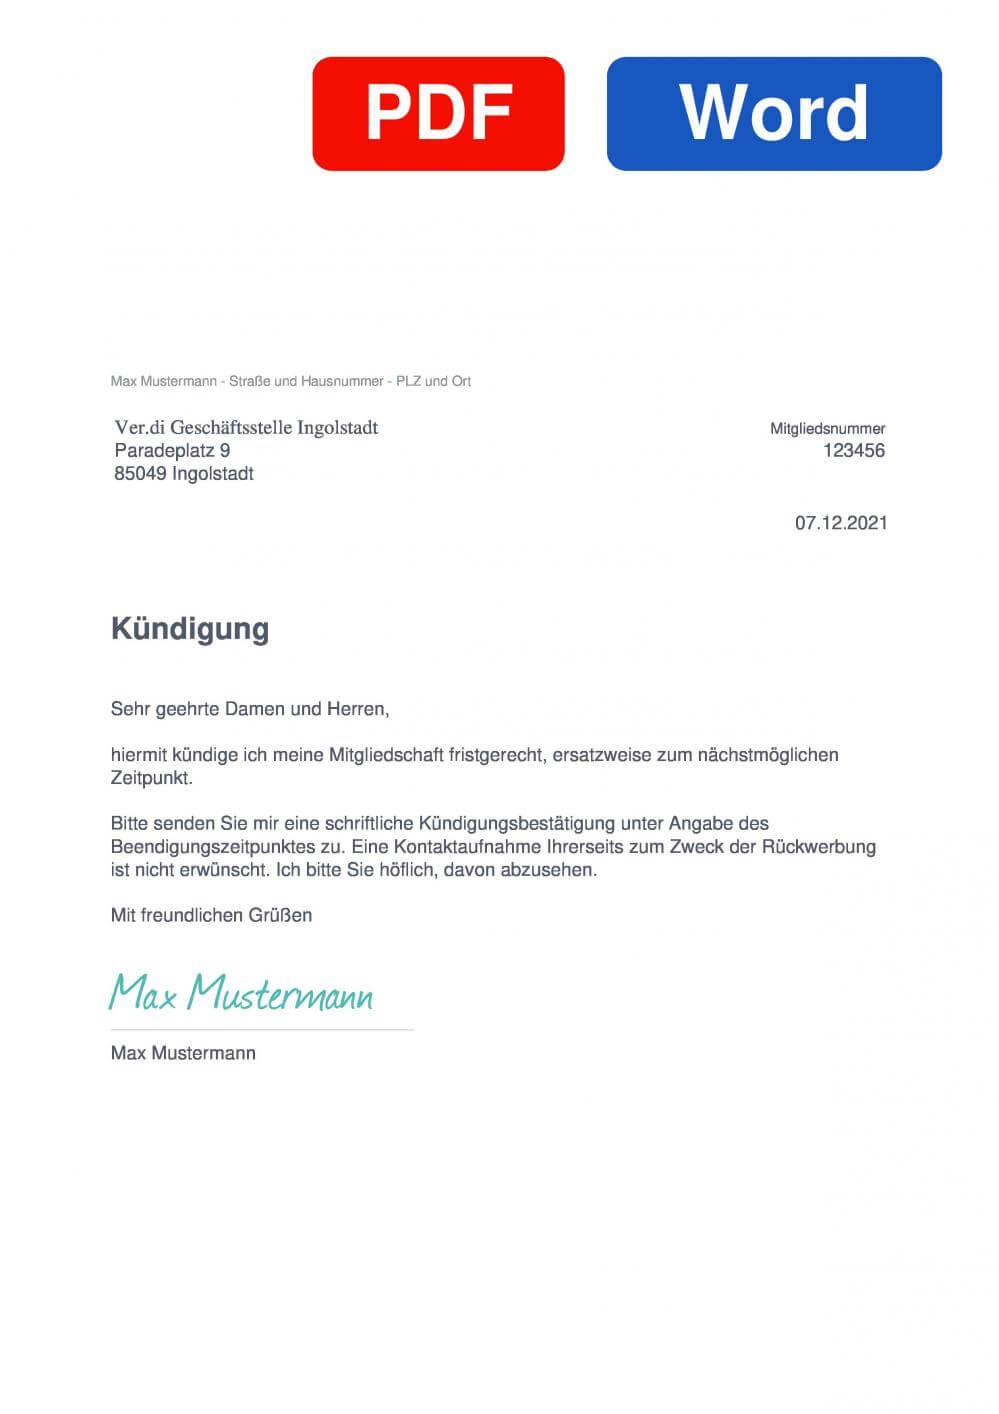 Verdi Ingolstadt Muster Vorlage für Kündigungsschreiben